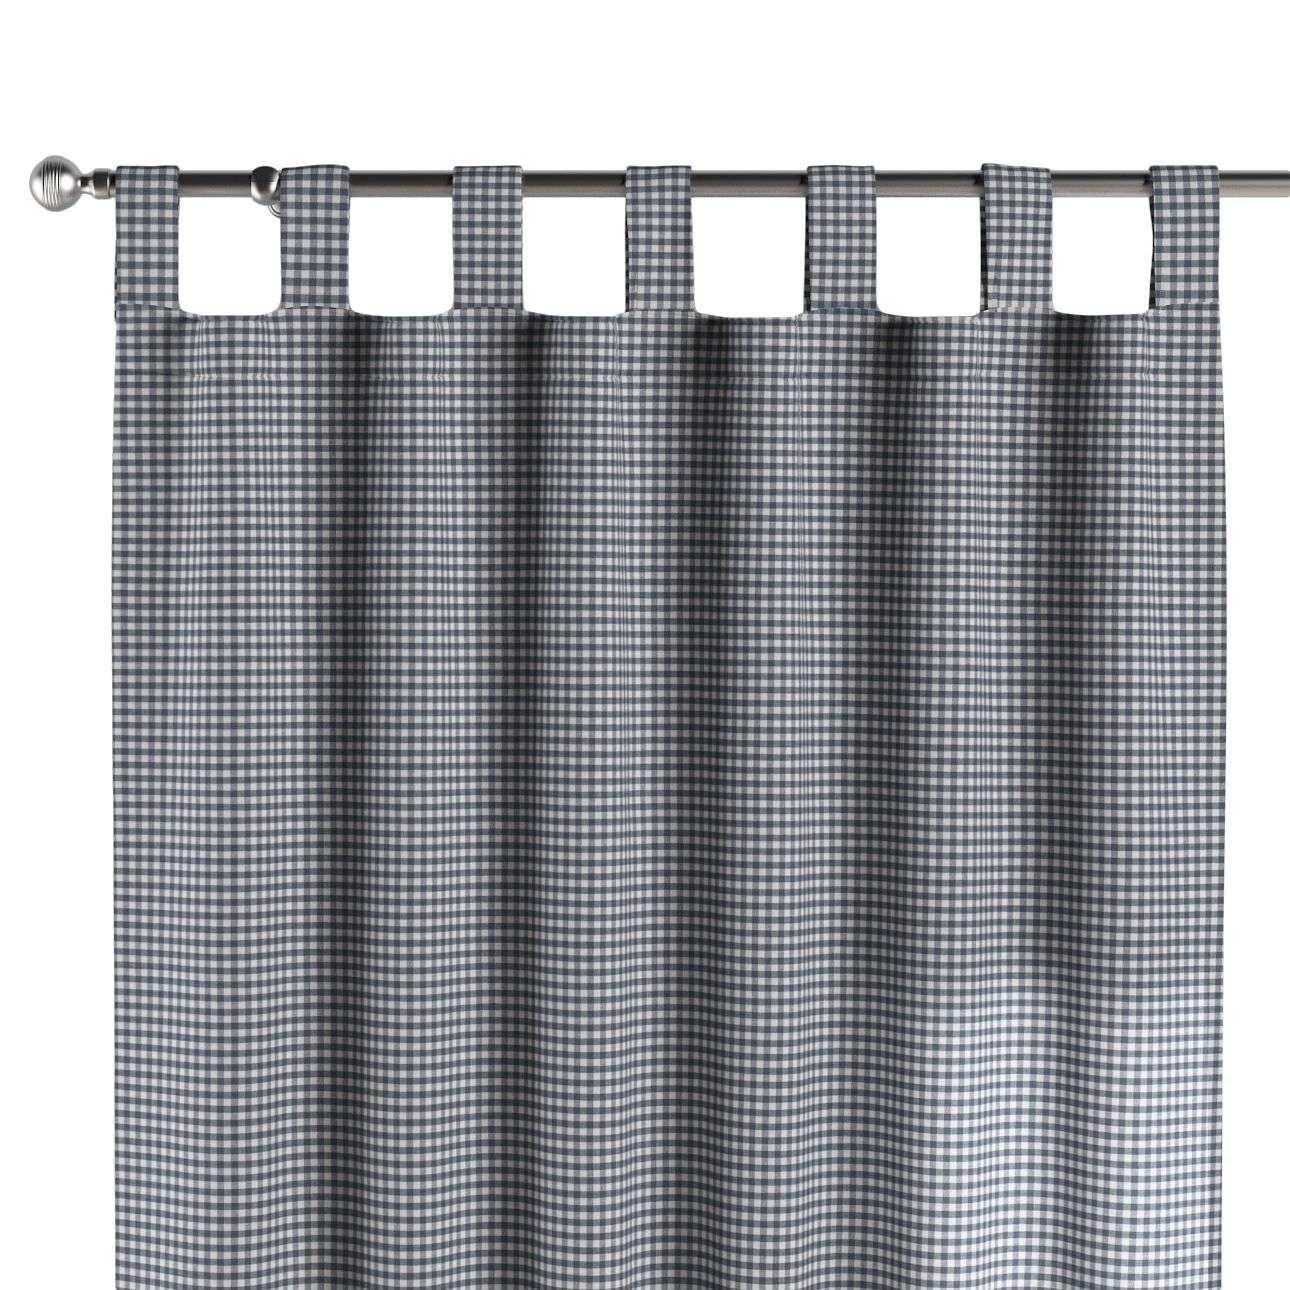 Zasłona na szelkach 1 szt. 1szt 130x260 cm w kolekcji Quadro, tkanina: 136-00